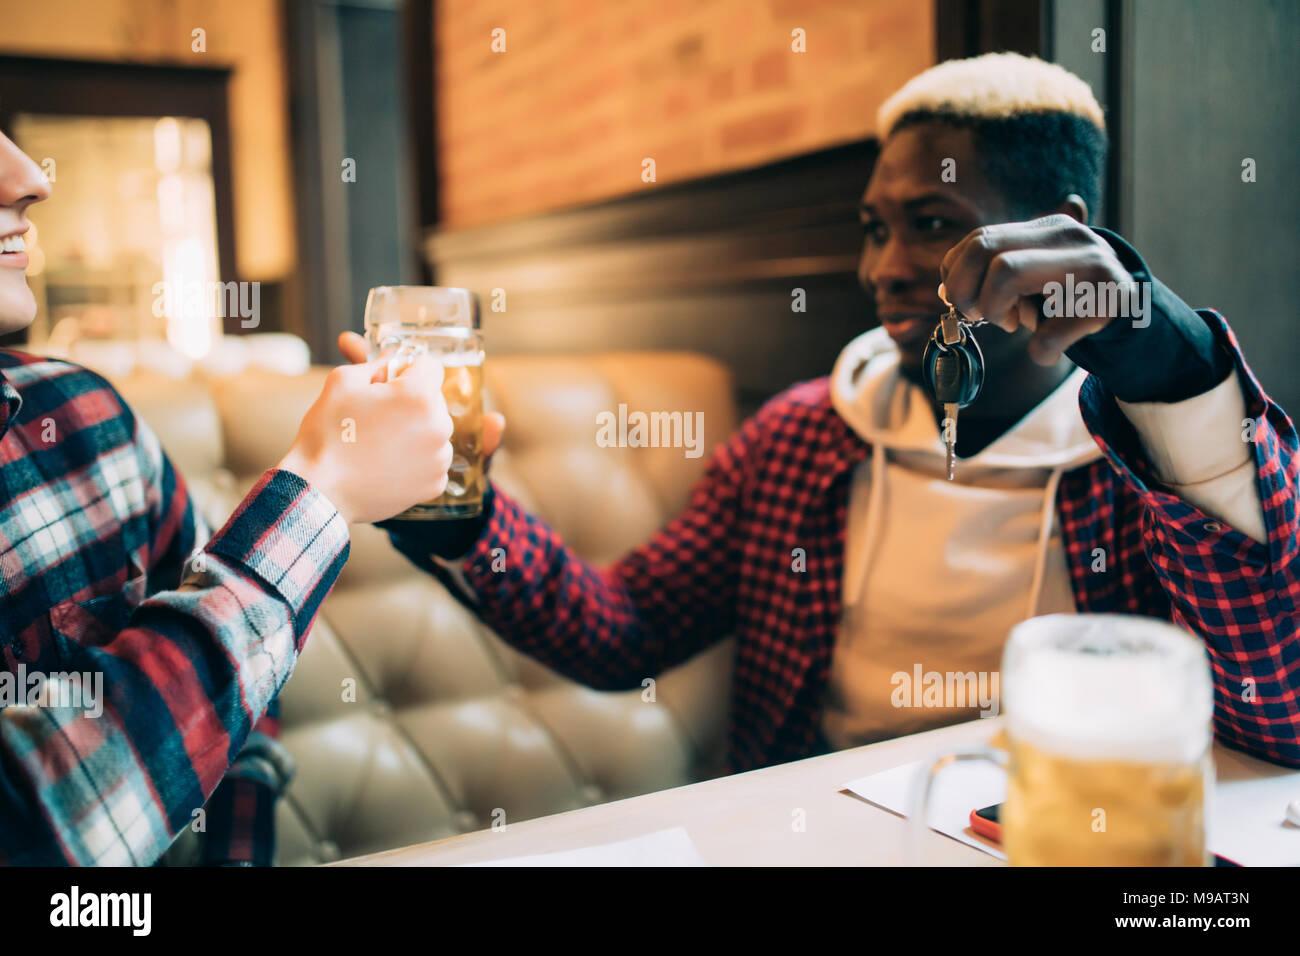 Homme jeune est holding car keys et refusant de boire de la bière de son ami dans un pub. Ne pas boire et conduire. Photo Stock